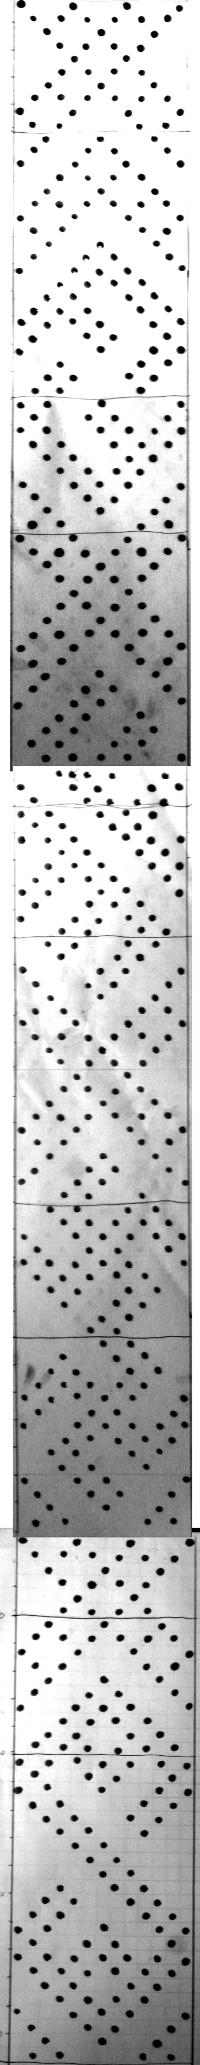 b6 pattern by alicja jaczewska